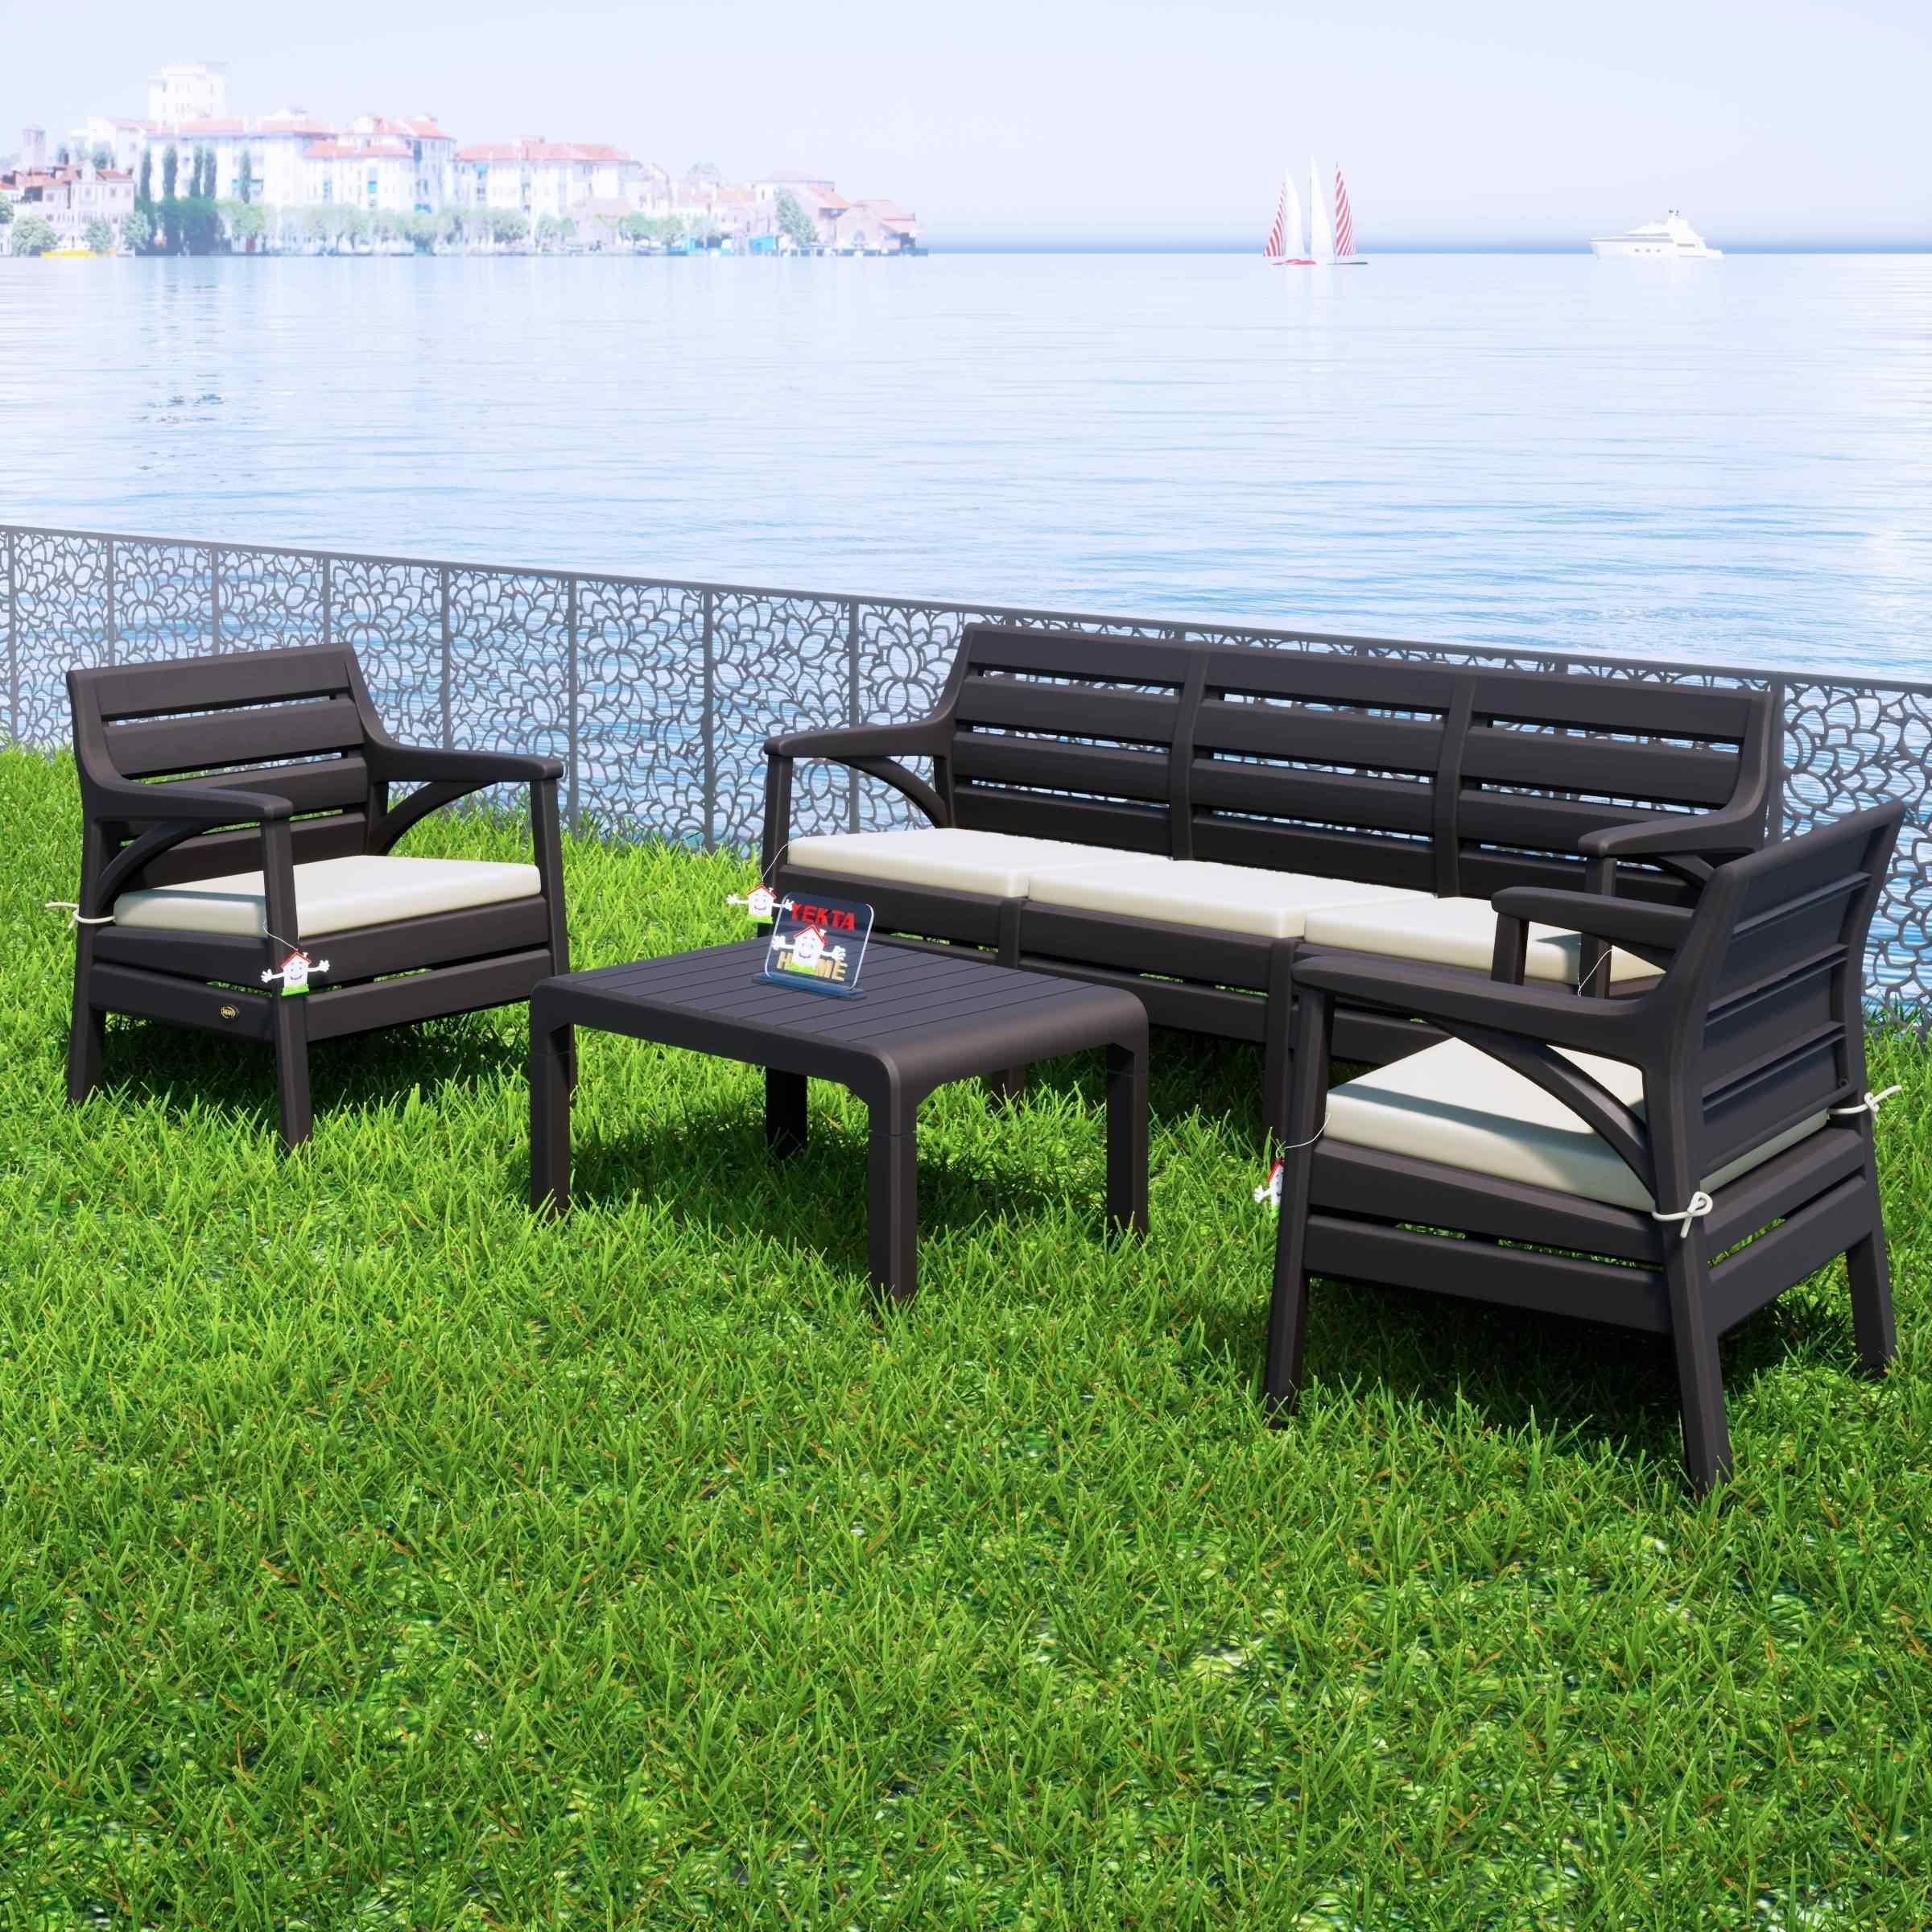 Holiday Hawai Bahçe Mobilyası Oturma Grubu Balkon Koltuk Takımı Kahverengi